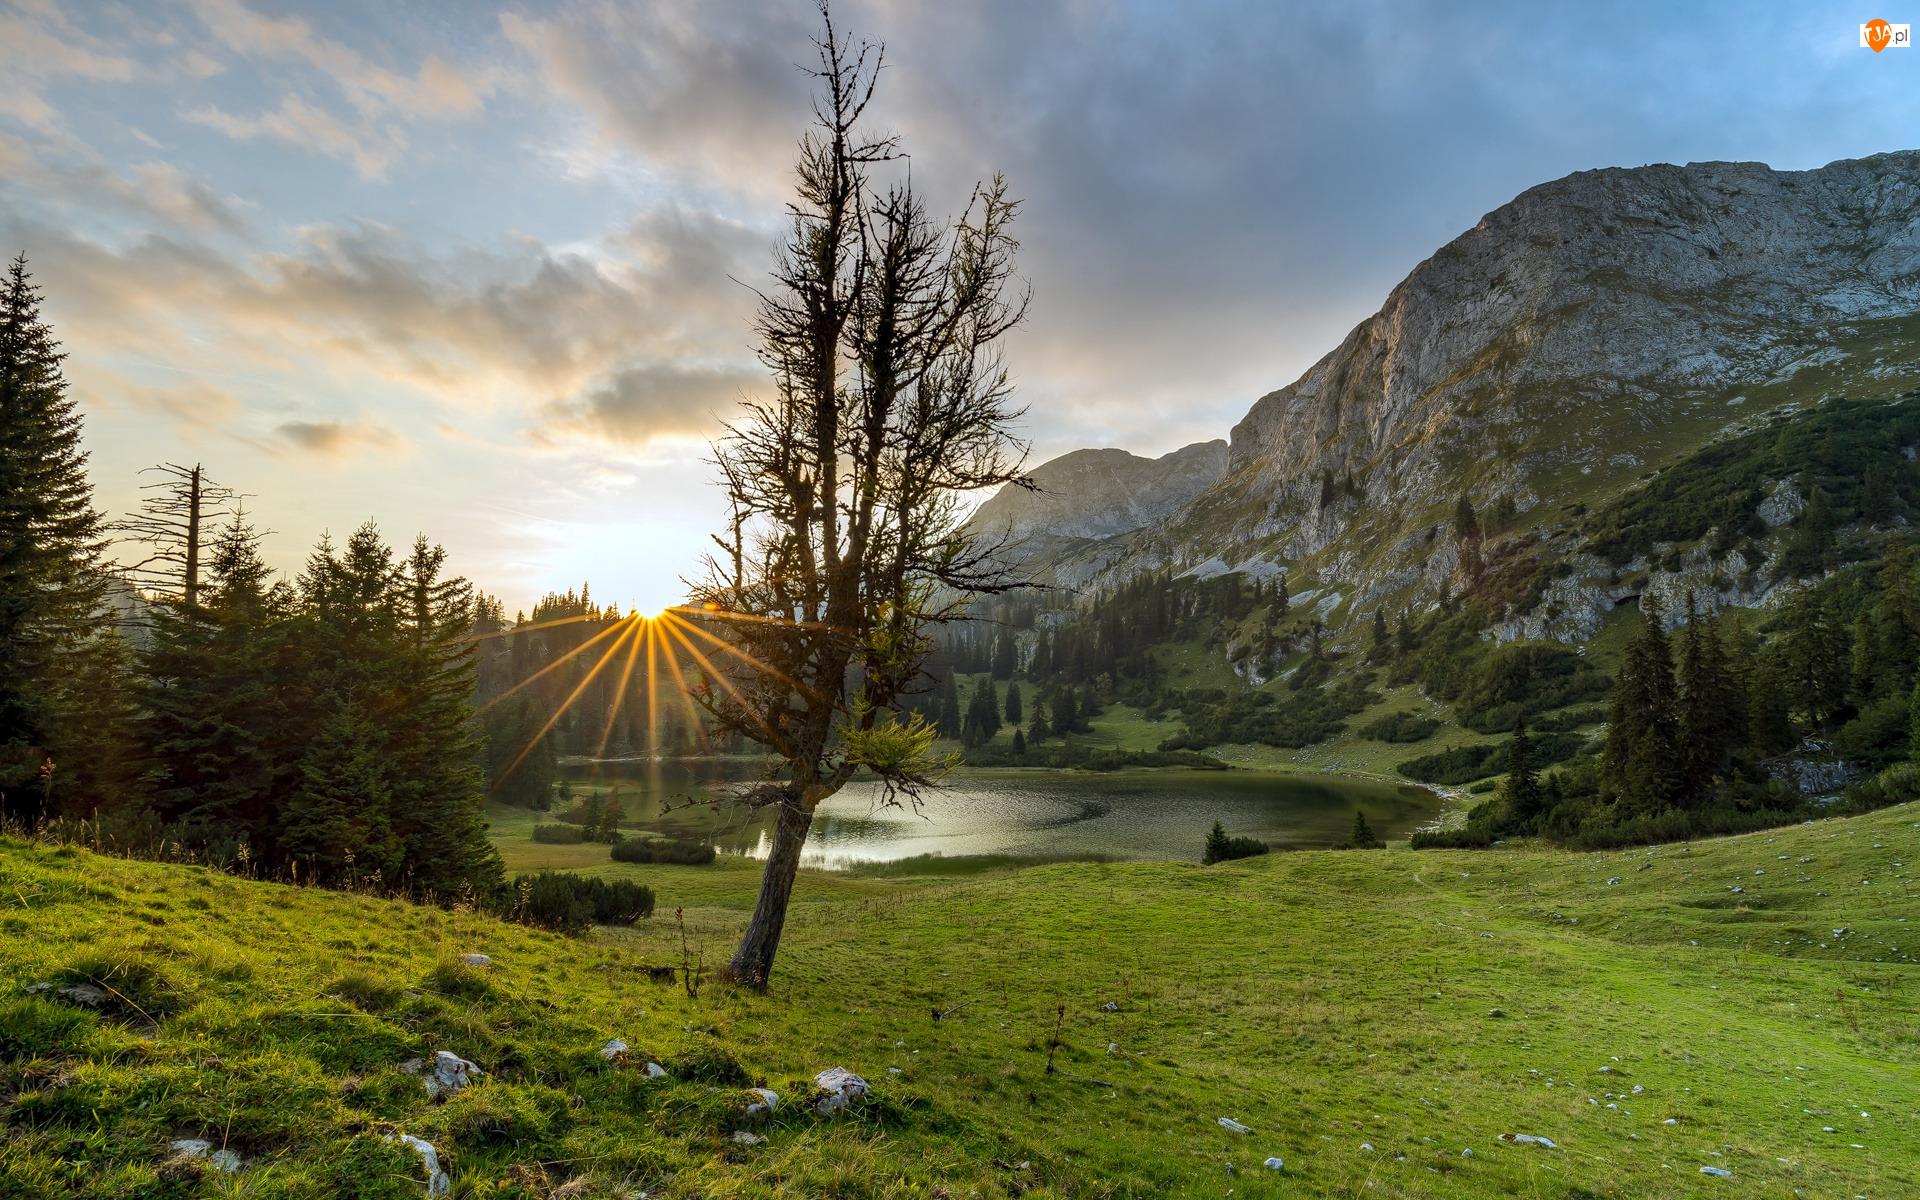 Jezioro, Góry, Promienie słońca, Roślinność, Drzewo, Chmury